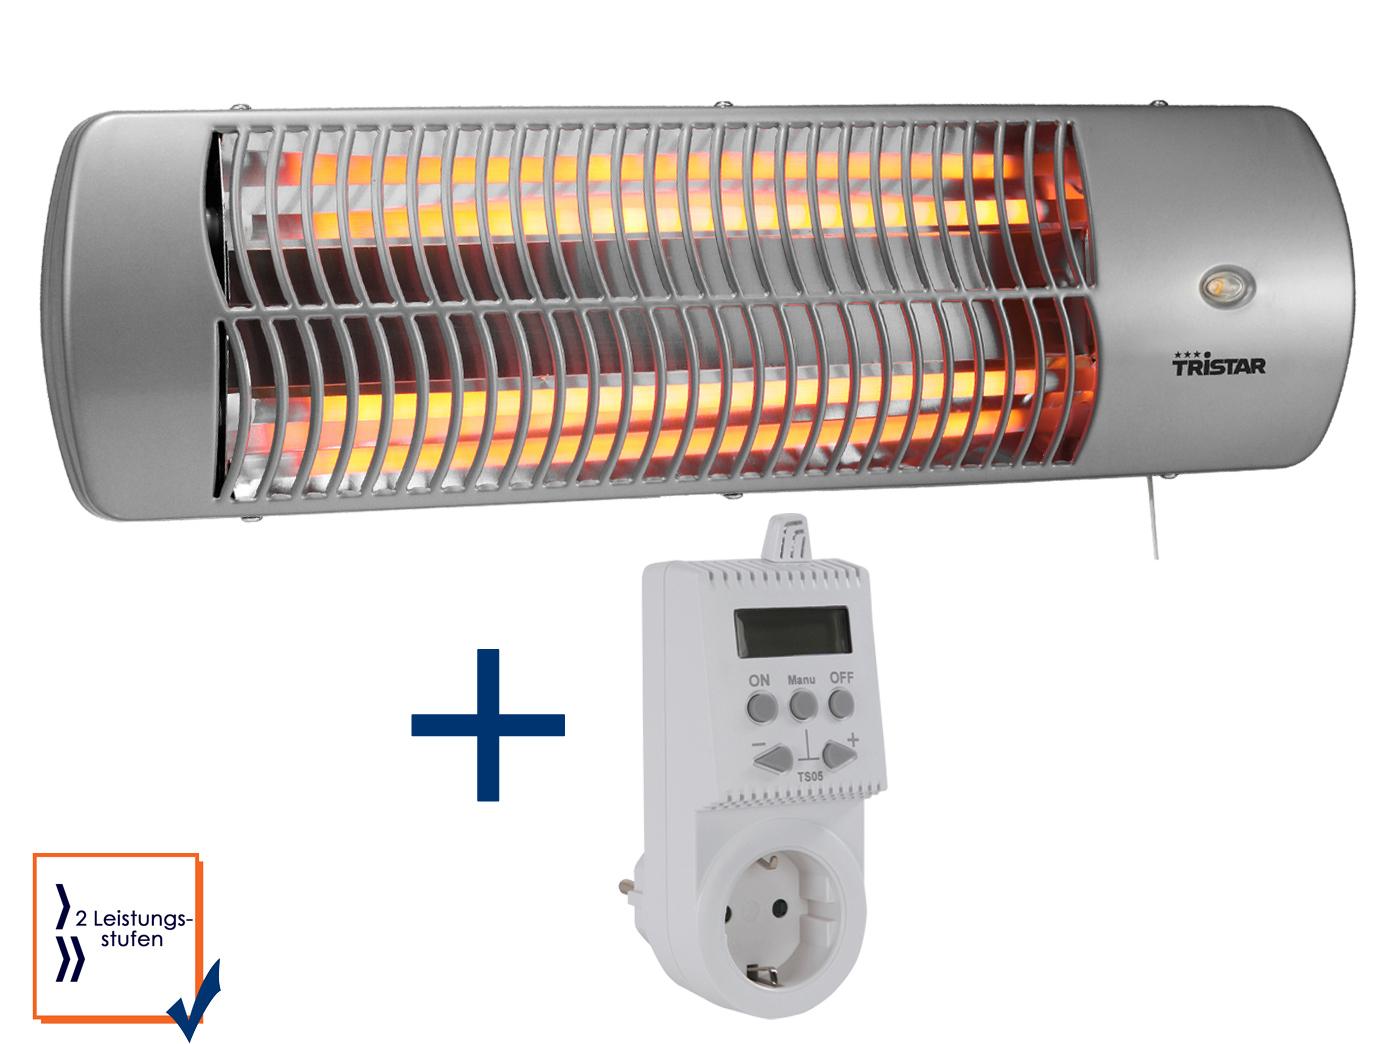 Halogen Heizstrahler + Stecker Thermostat 600-1200W Badezimmer ...